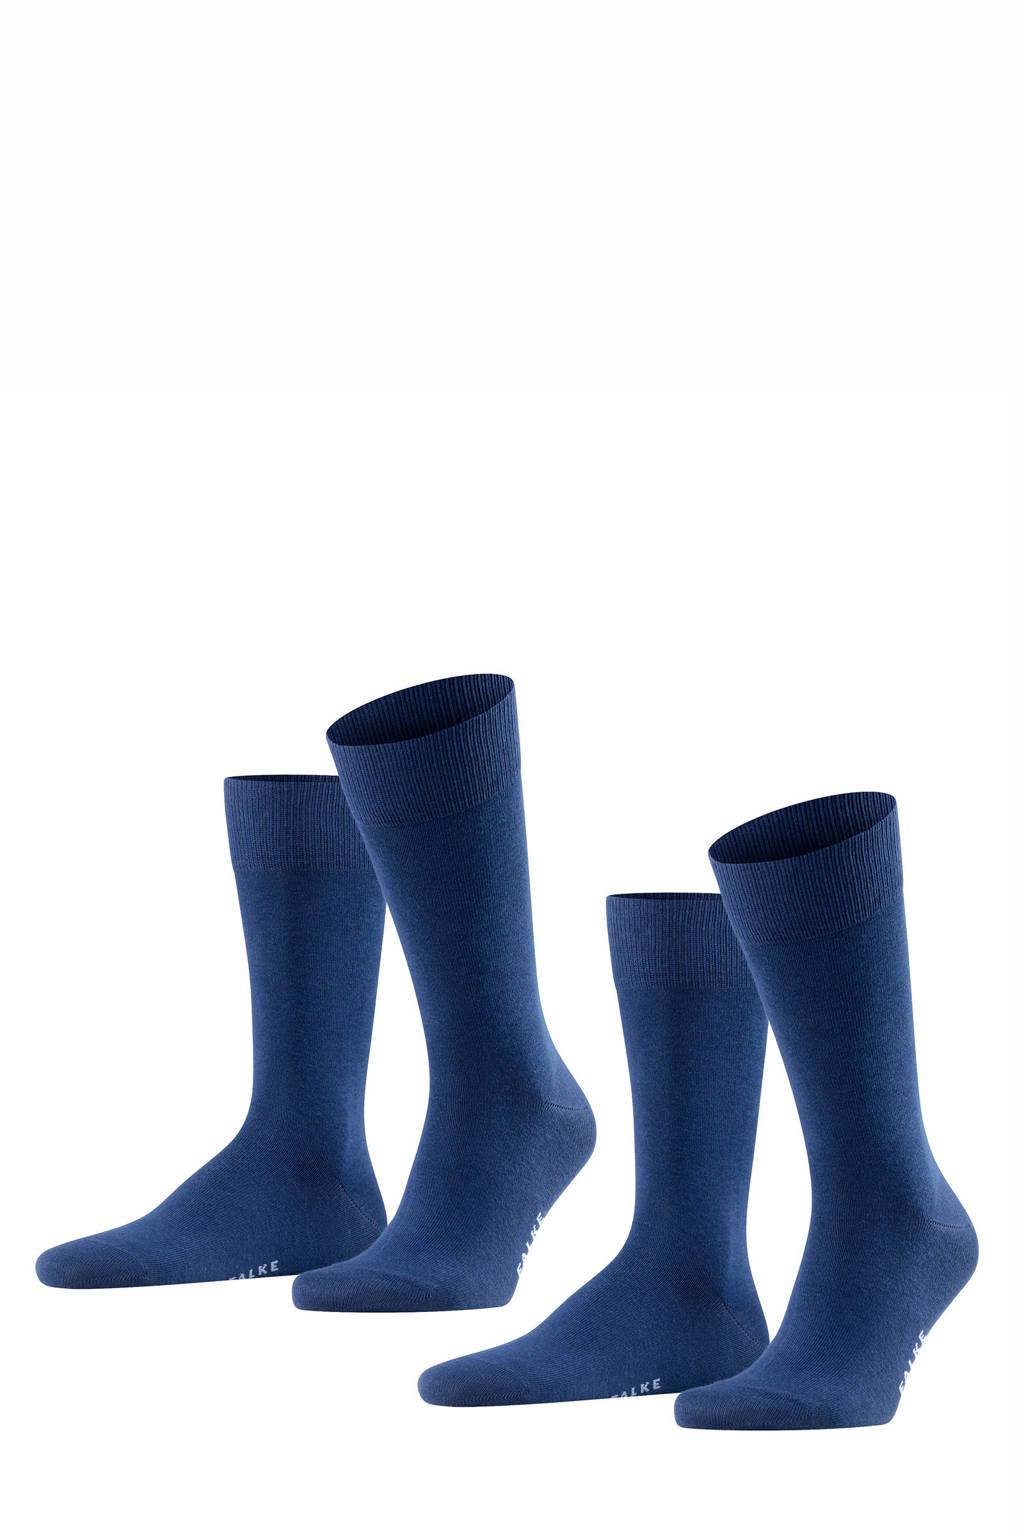 FALKE sokken blauw, Blauw